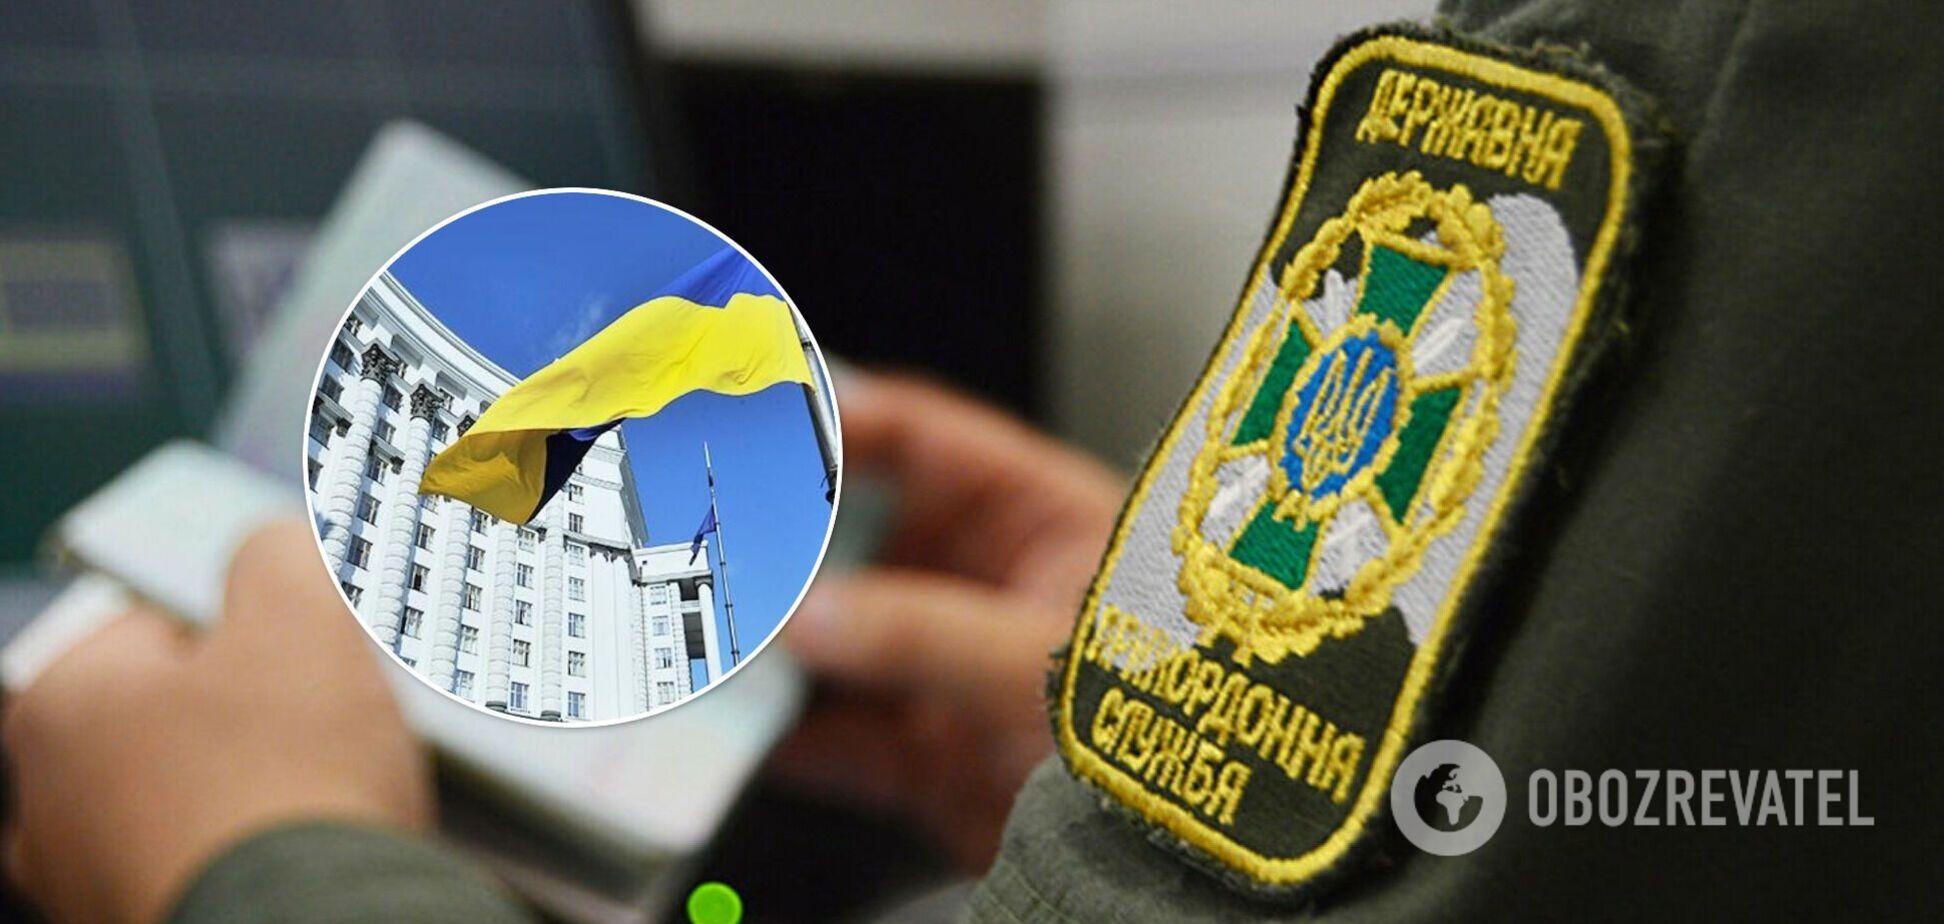 Кабмин смягчил условия въезда в Украину для иностранцев: что изменилось